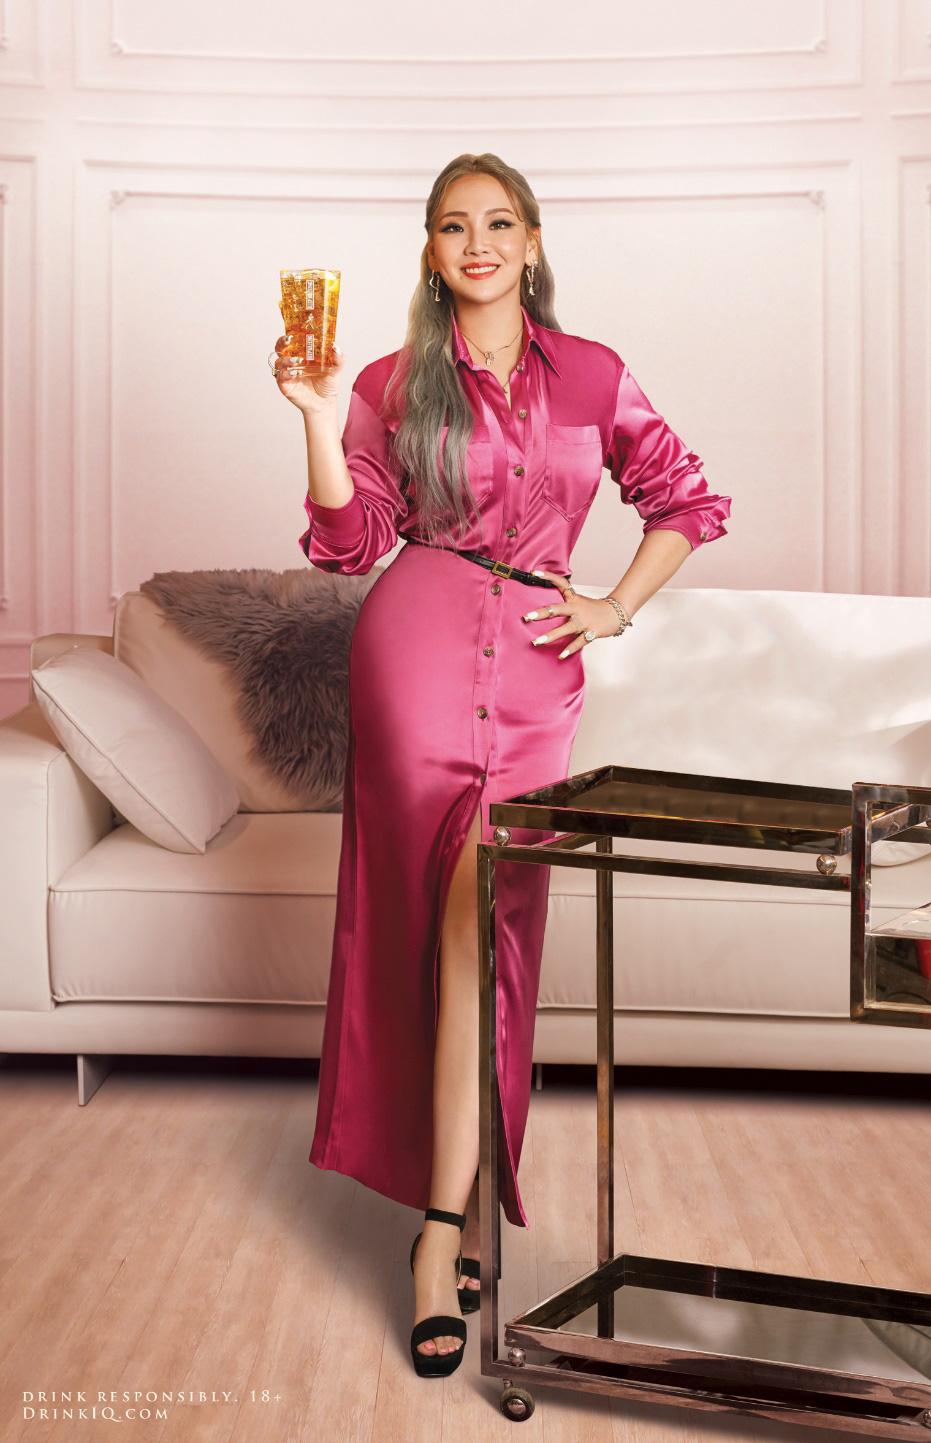 CL trở thành đại sứ mới của thương hiệu lừng danh 200 năm tuổi - Ảnh 4.